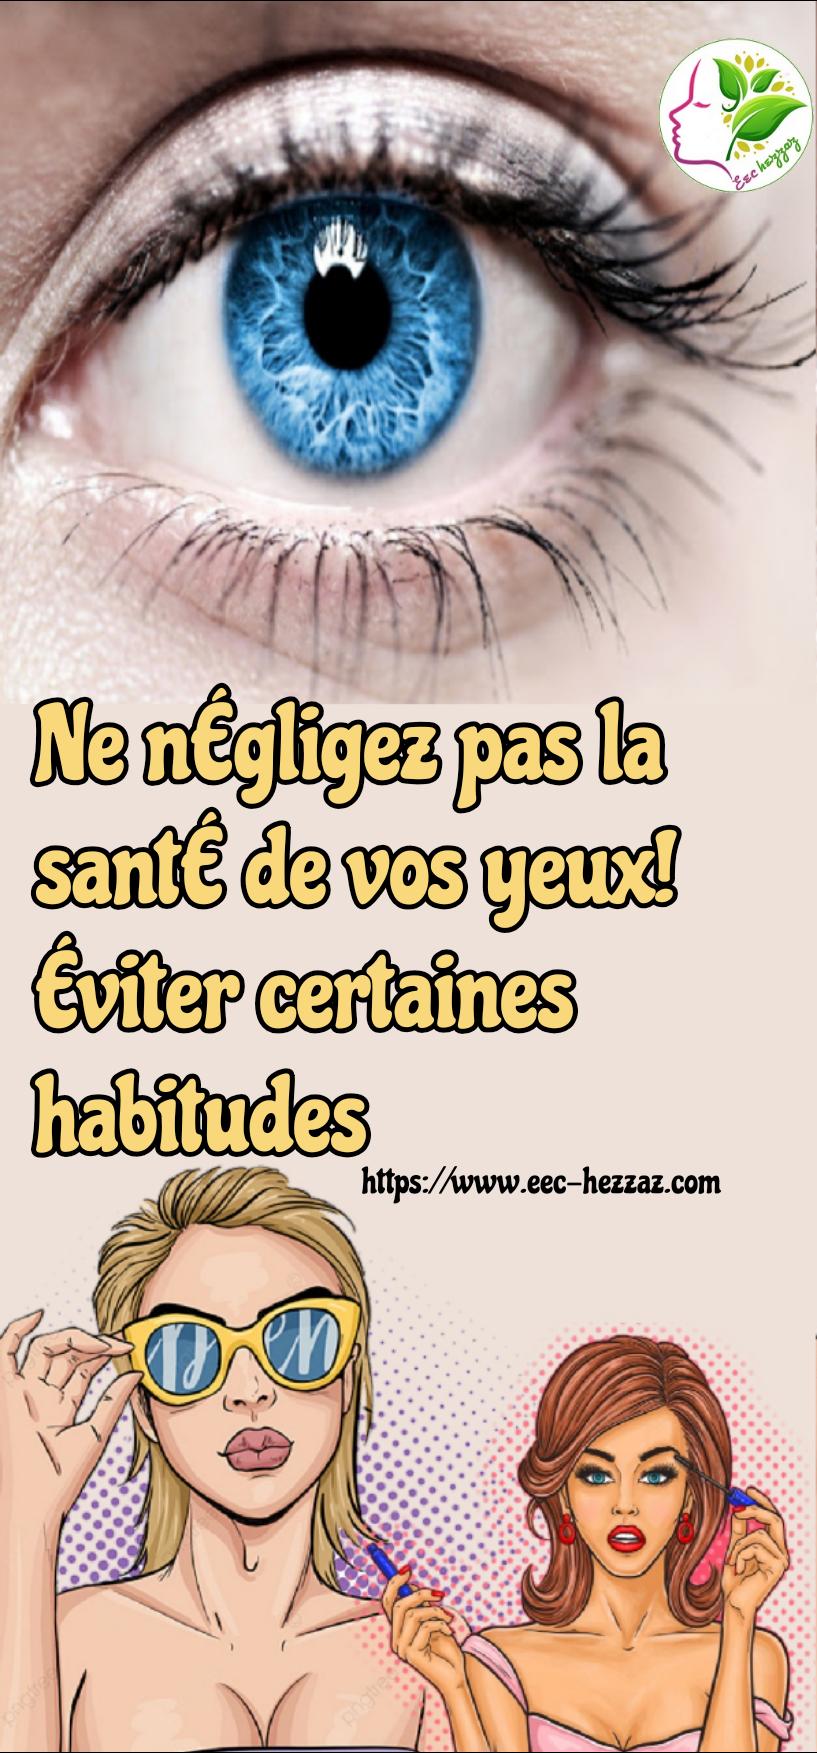 Ne négligez pas la santé de vos yeux! Éviter certaines habitudes